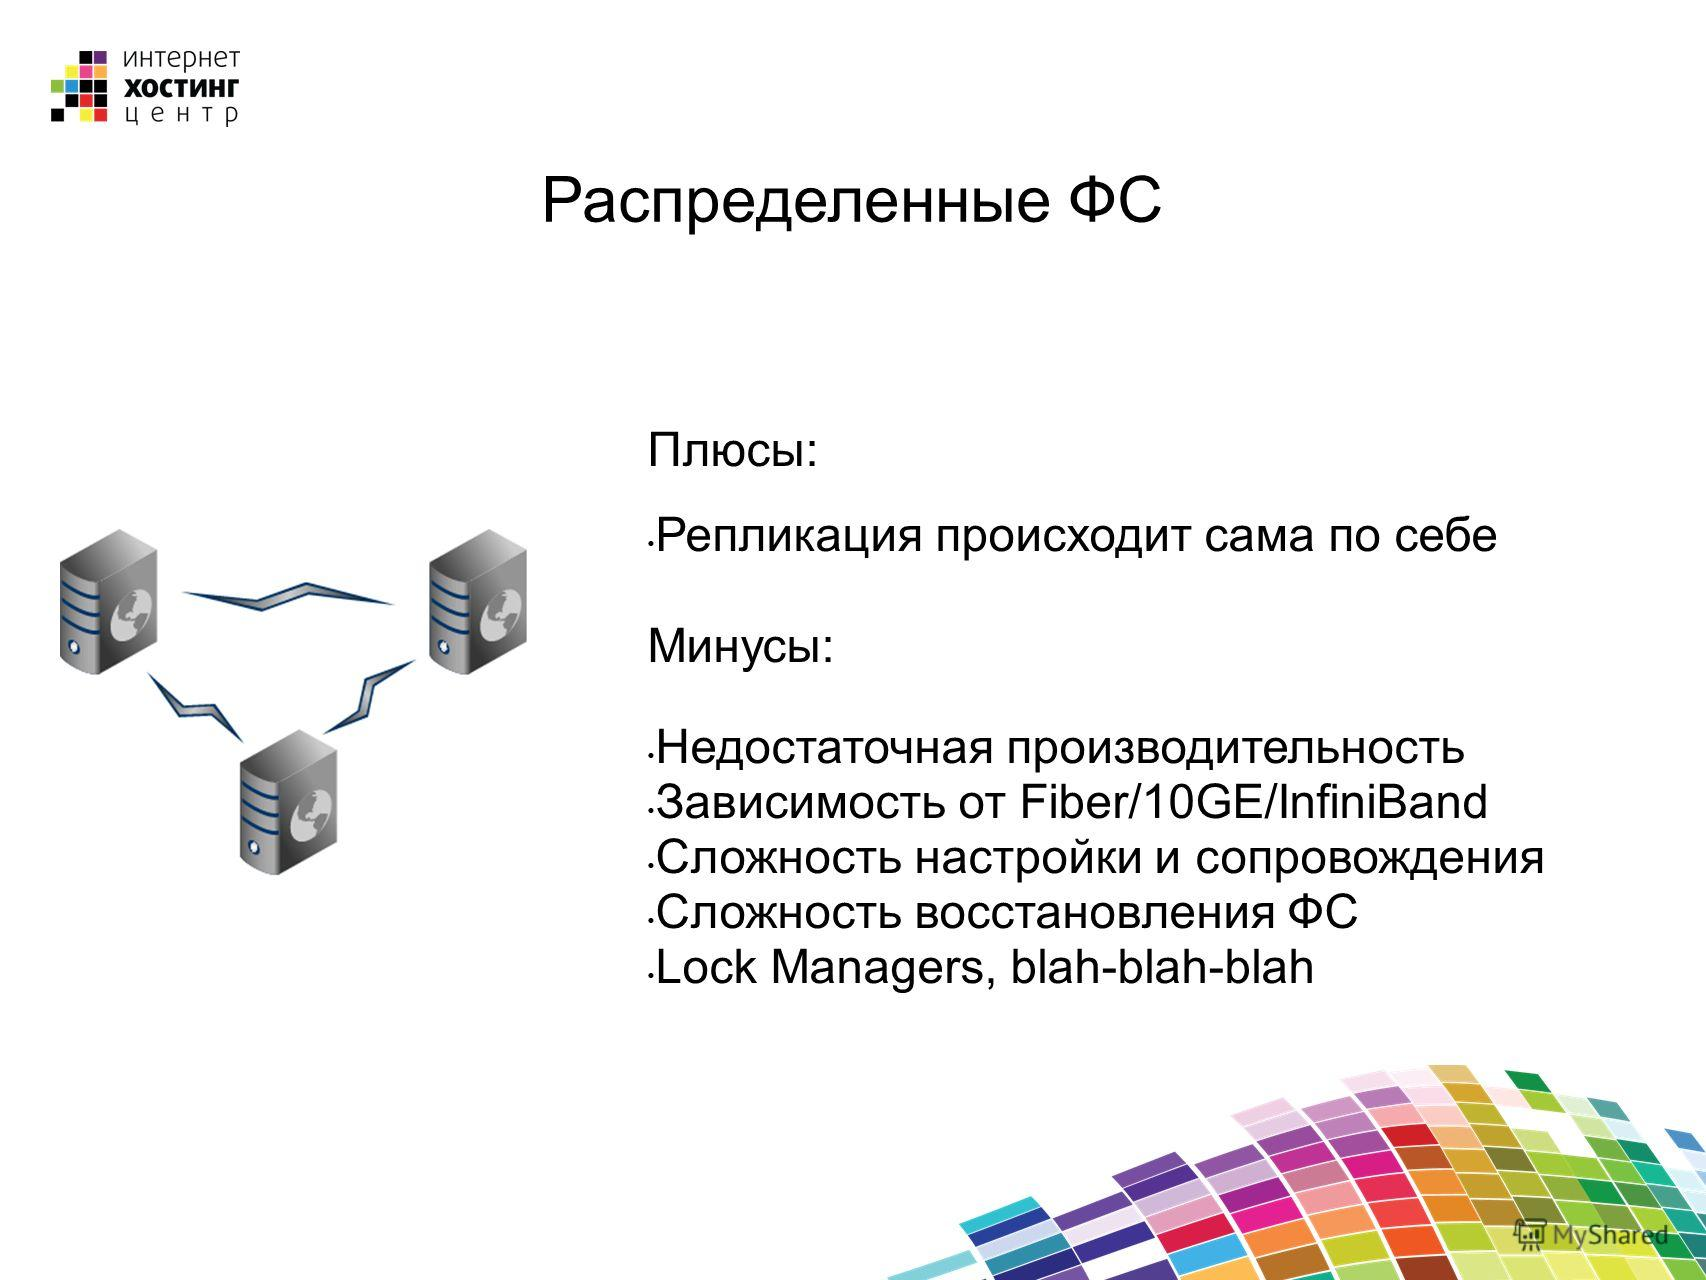 Распределенные ФС Плюсы: Репликация происходит сама по себе Минусы: Недостаточная производительность Зависимость от Fiber/10GE/InfiniBand Сложность настройки и сопровождения Сложность восстановления ФС Lock Managers, blah-blah-blah